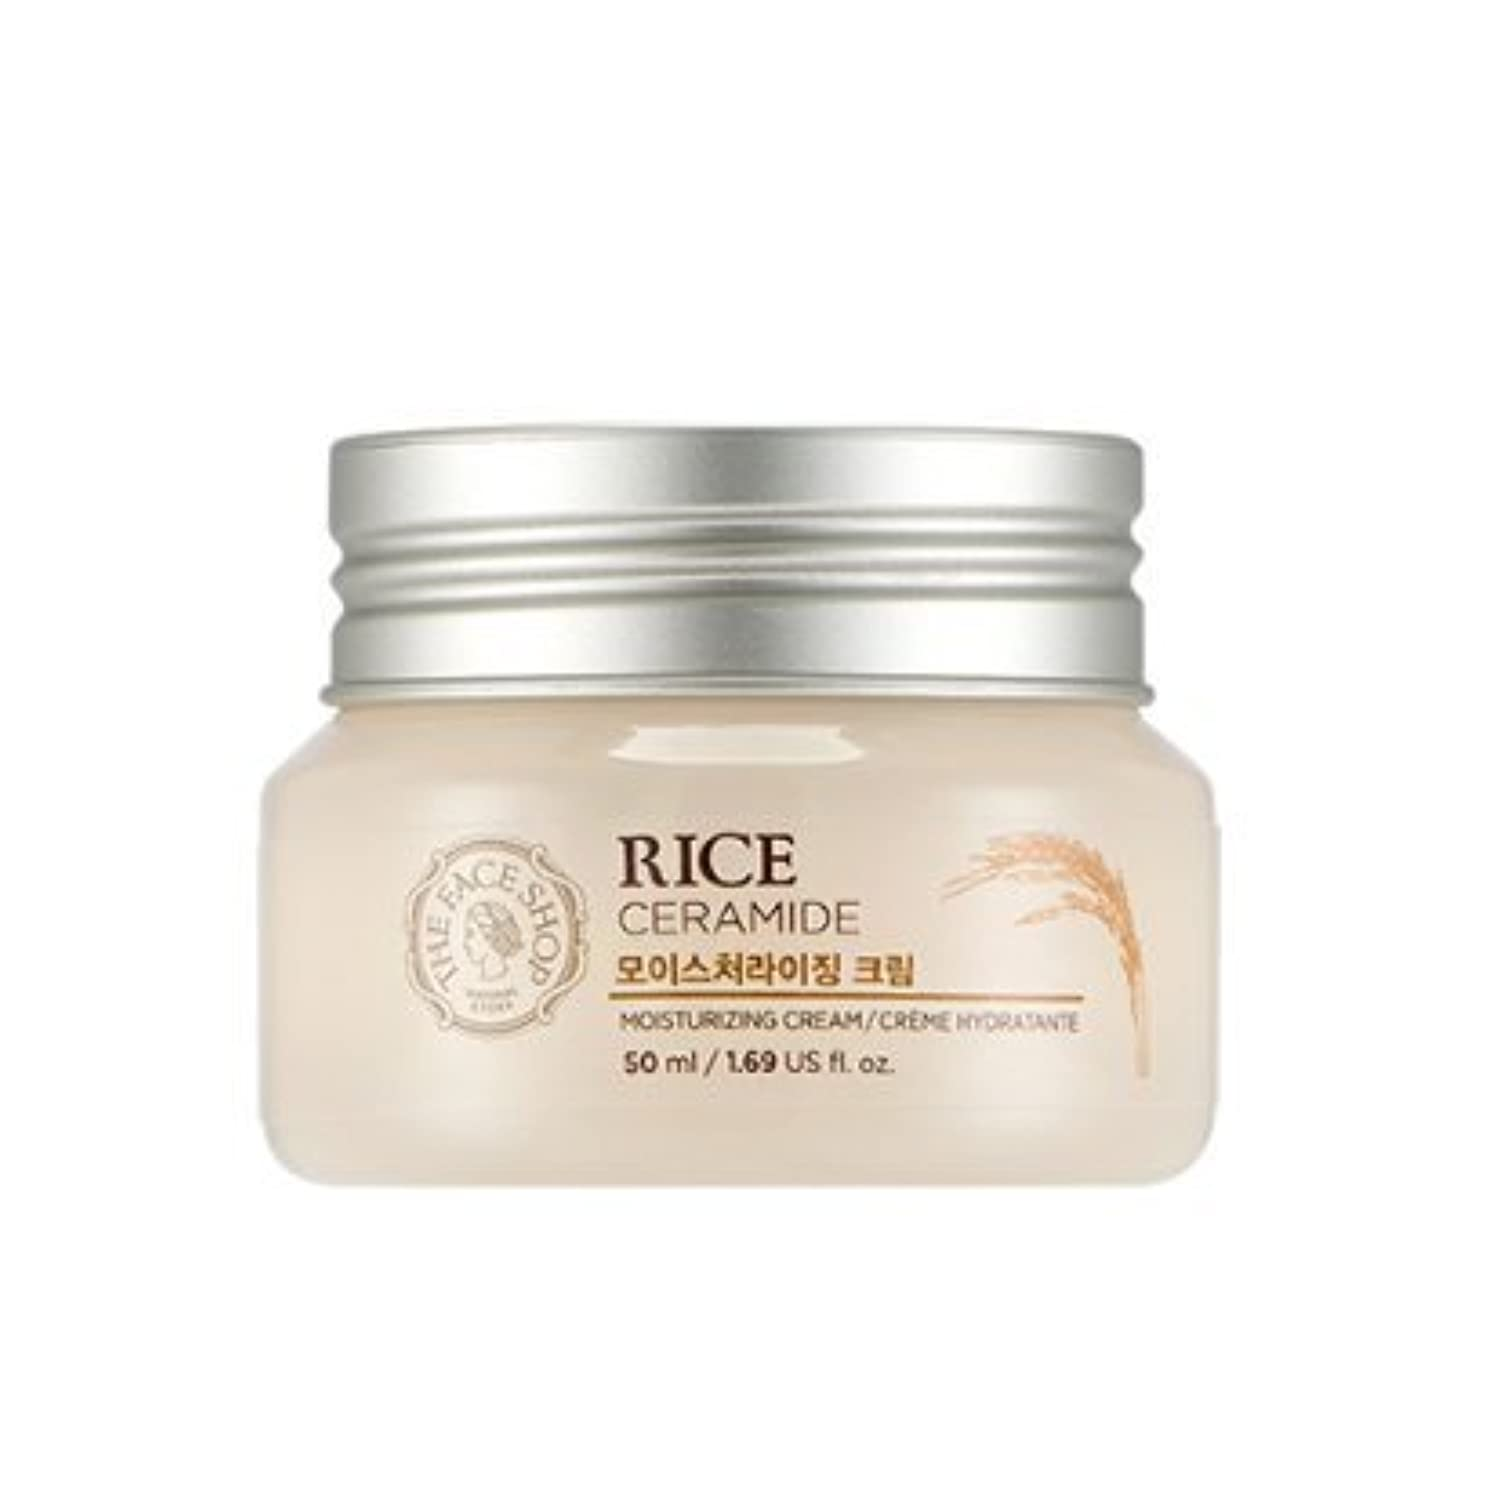 ビスケット従う翻訳THE FACE SHOP Rice & Ceramide Moisturizing Cream ザフェイスショップ ライス&セラミドモイスチャーライジングクリーム [並行輸入品]